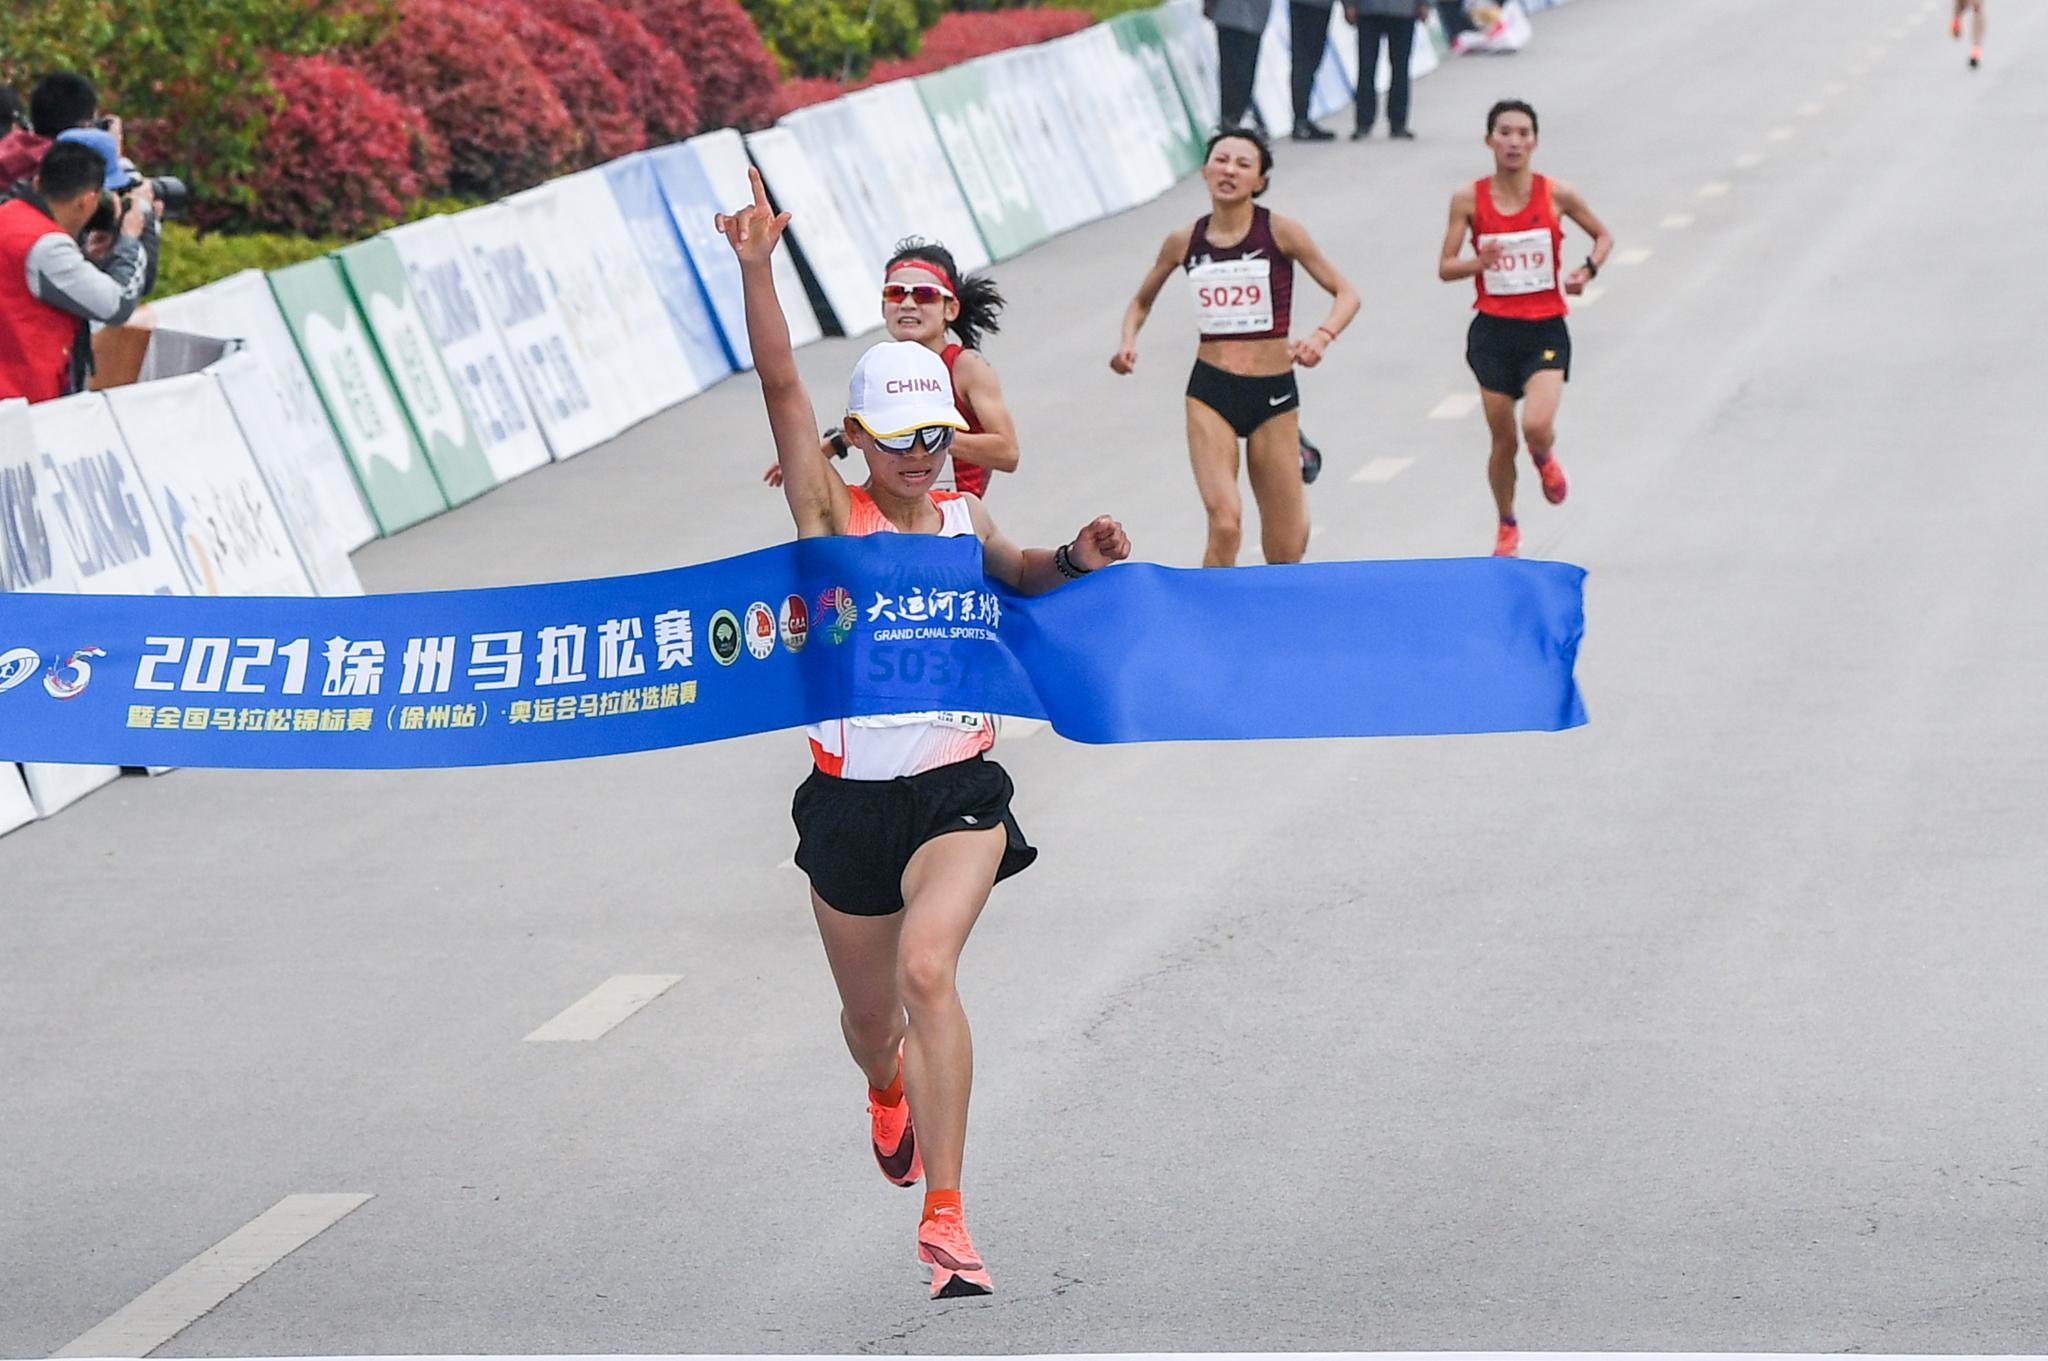 马拉松——2021徐州马拉松赛赛况